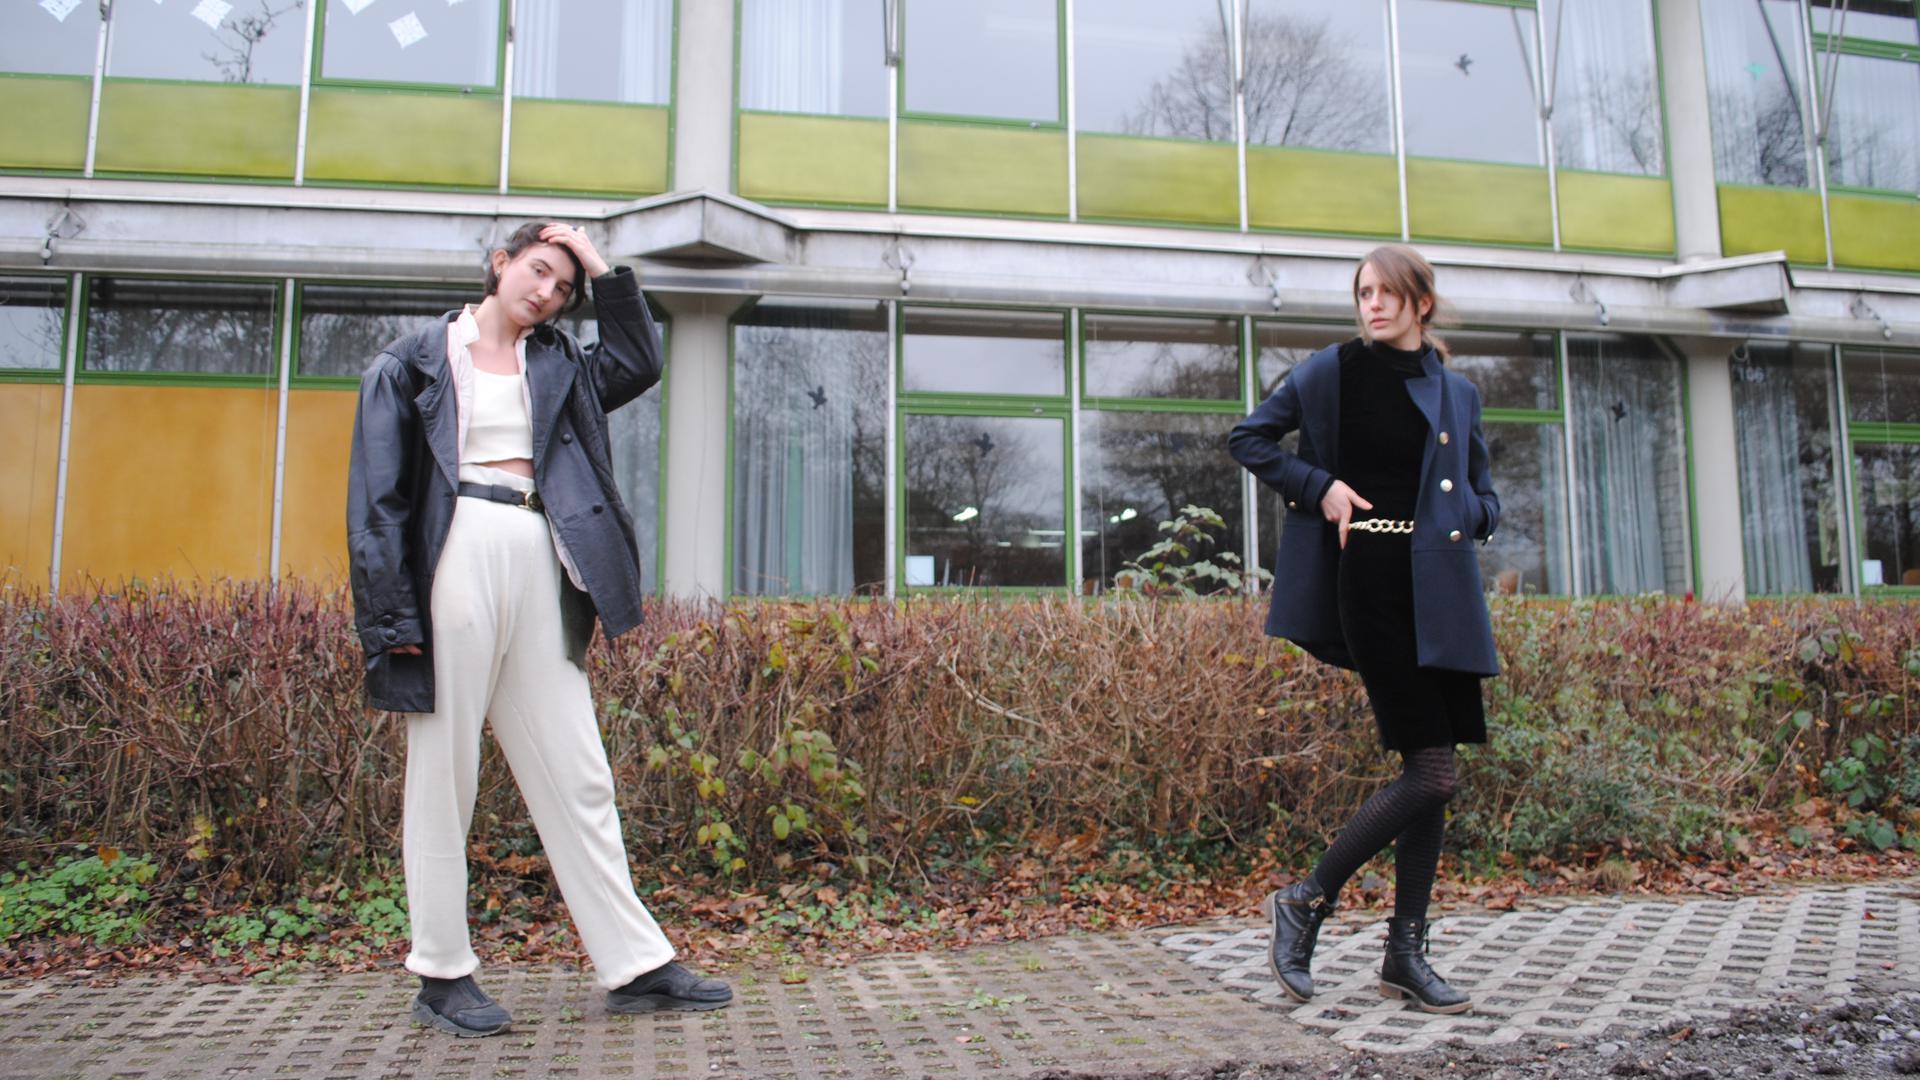 Mareike Hemmes und Josefine Gulden stehen vor der Balthasar-Neumann-Schule